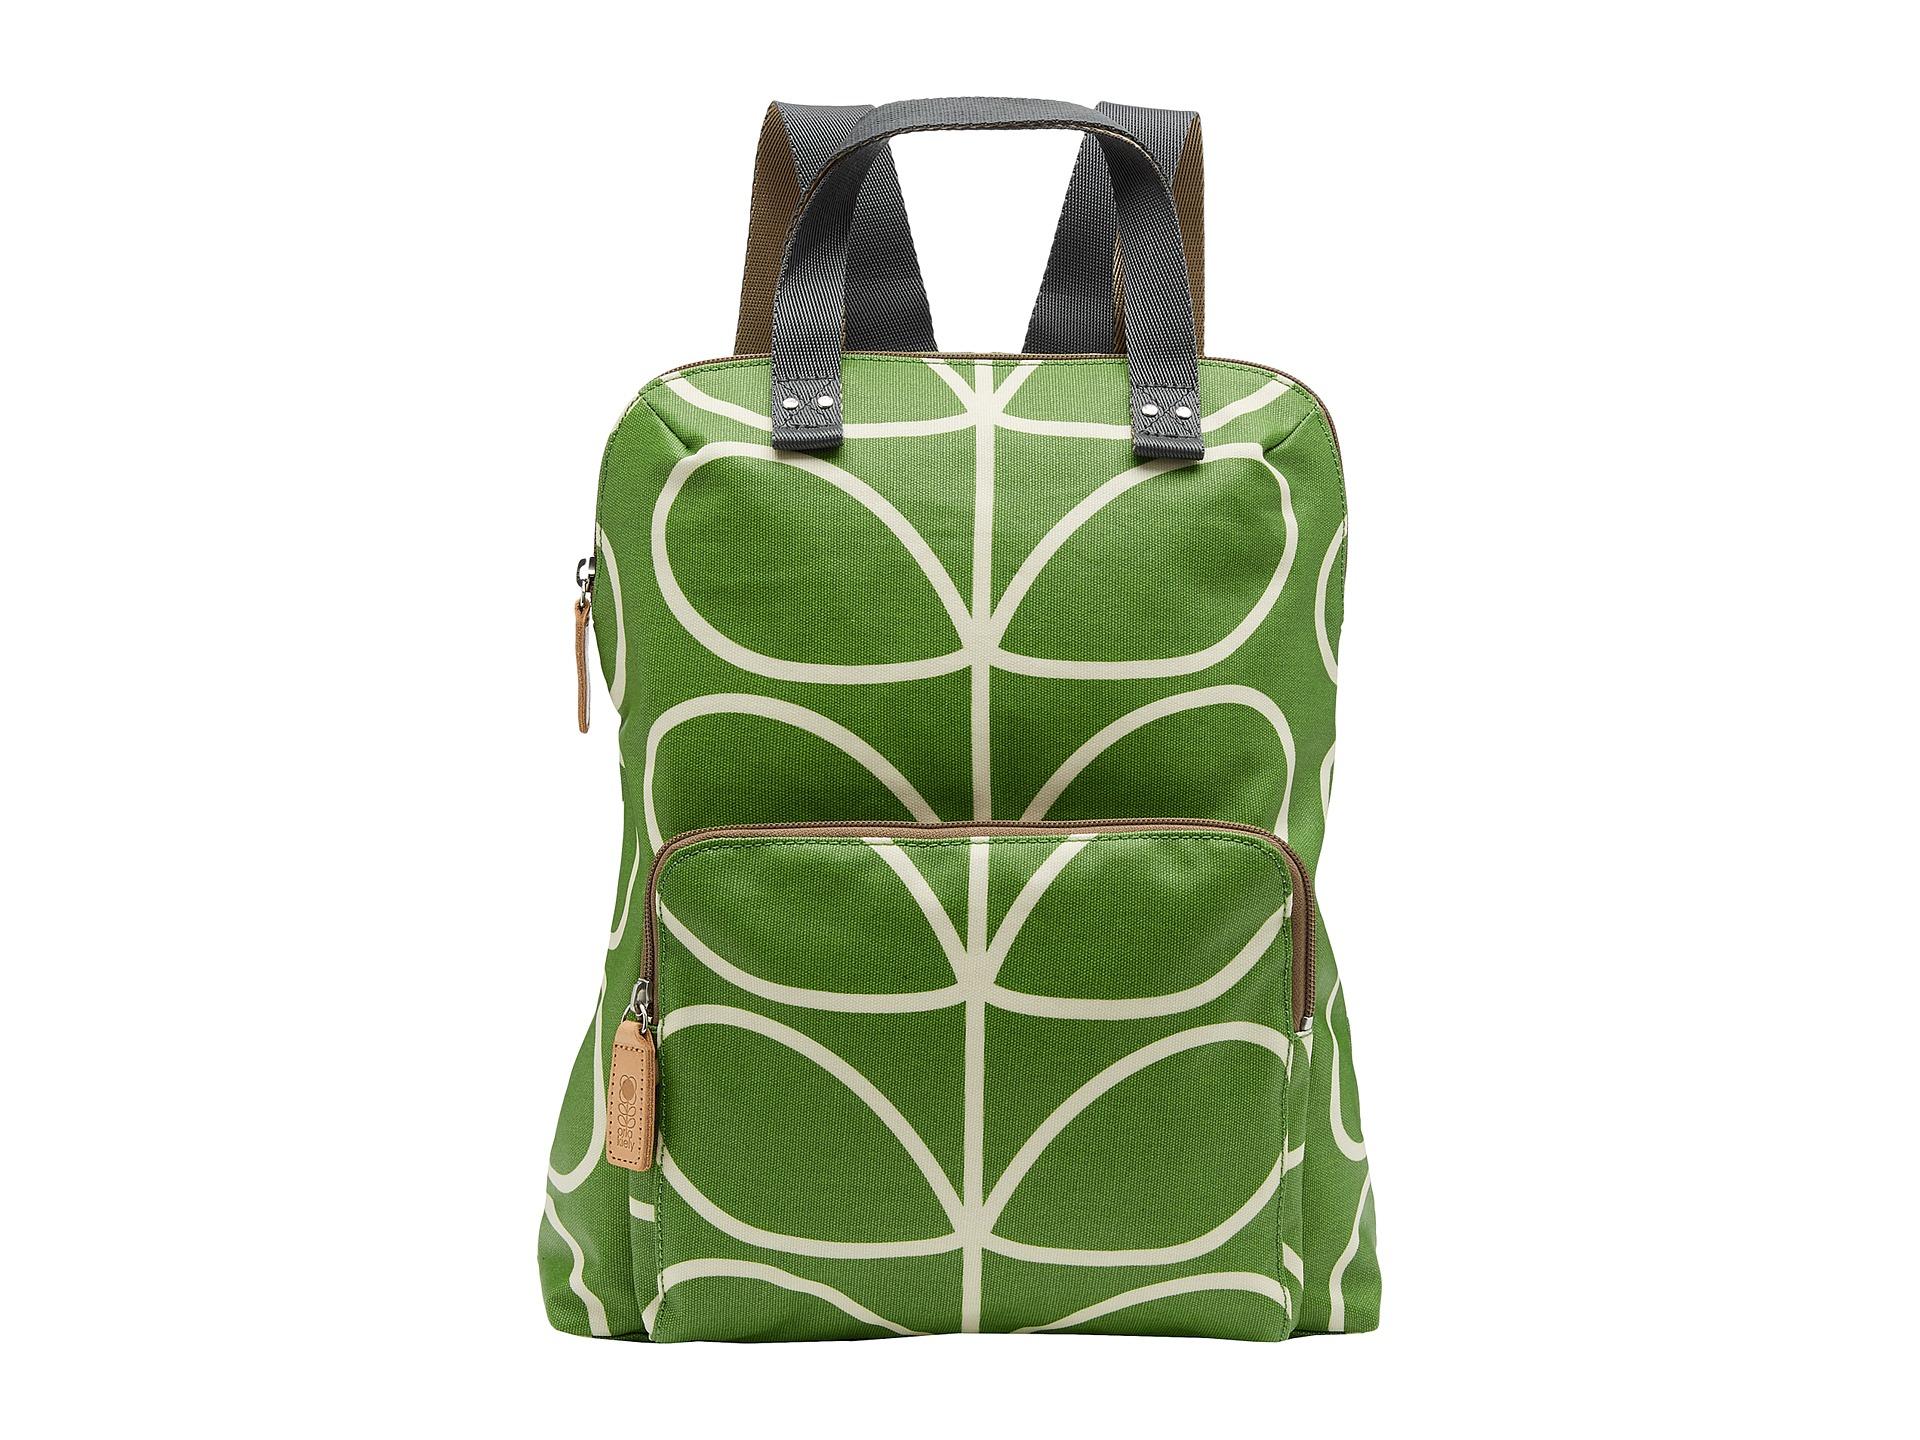 Lyst - Orla Kiely Matt Laminated Giant Linear Stem Print Backpack ... 7ad13e42628d2